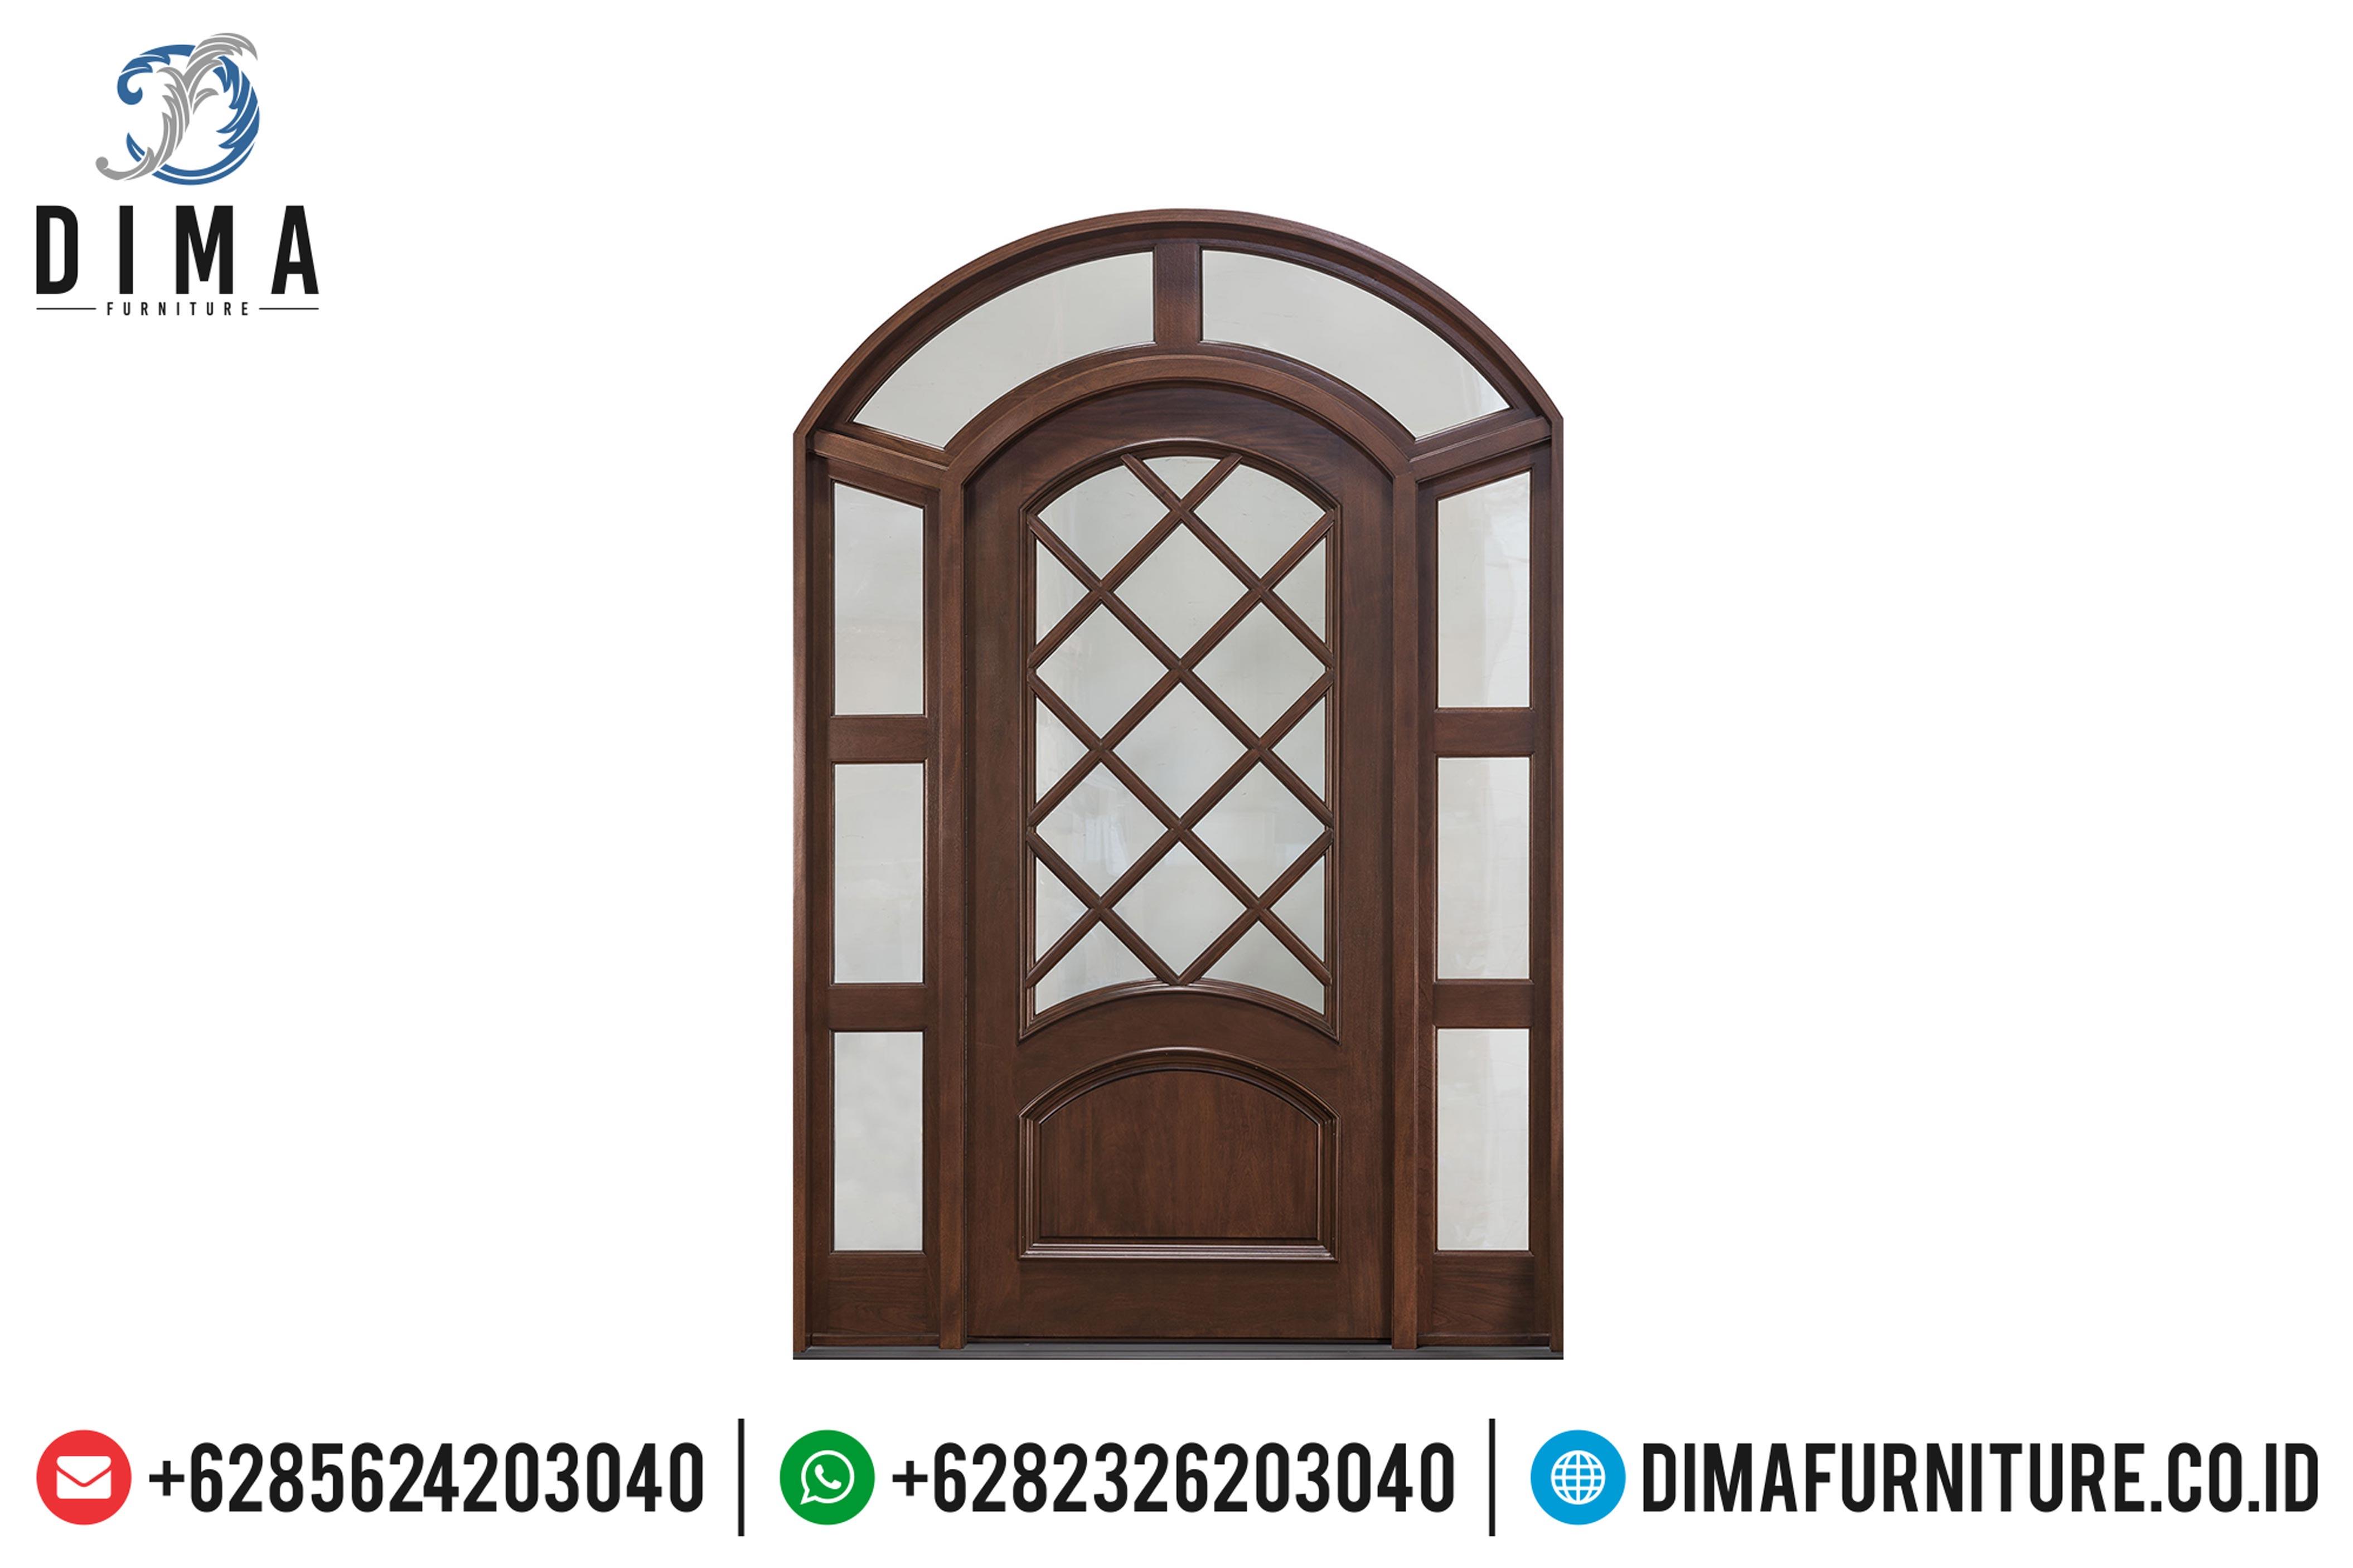 Model Kusen Pintu Rumah Jati Jepara Model Minimalis Mewah DF-0888